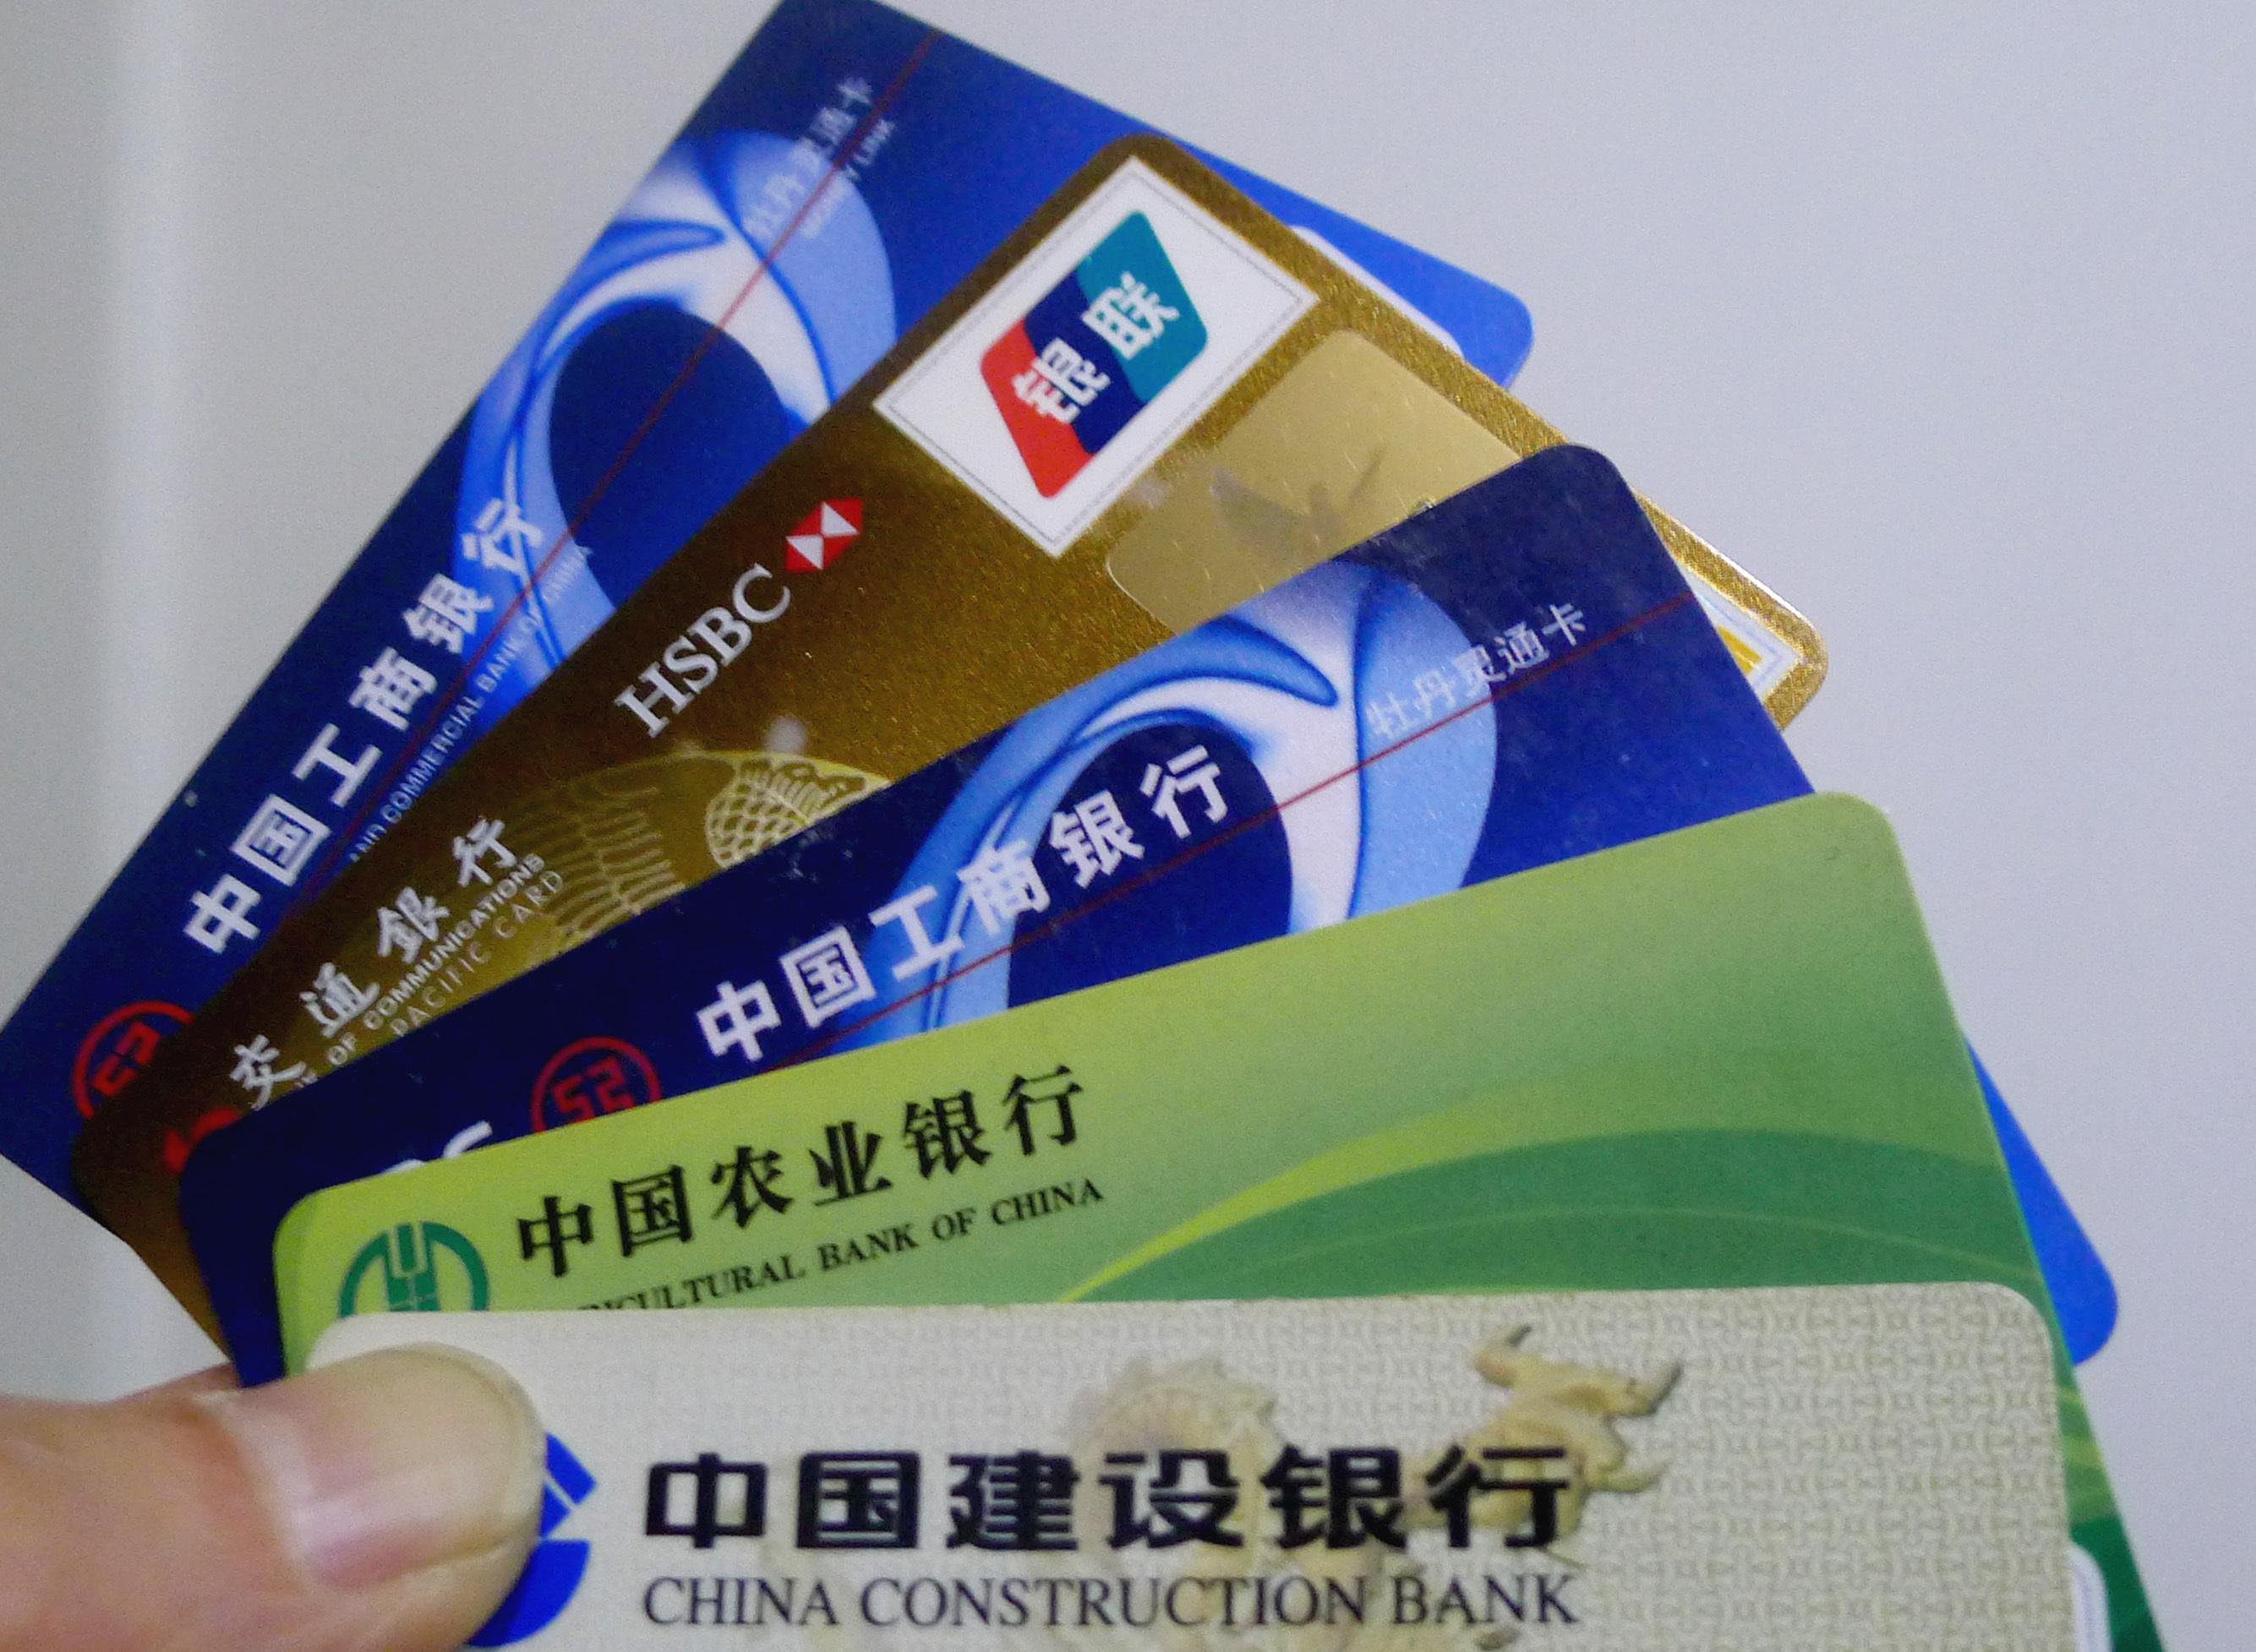 申请信用卡,哪种渠道申请最好?